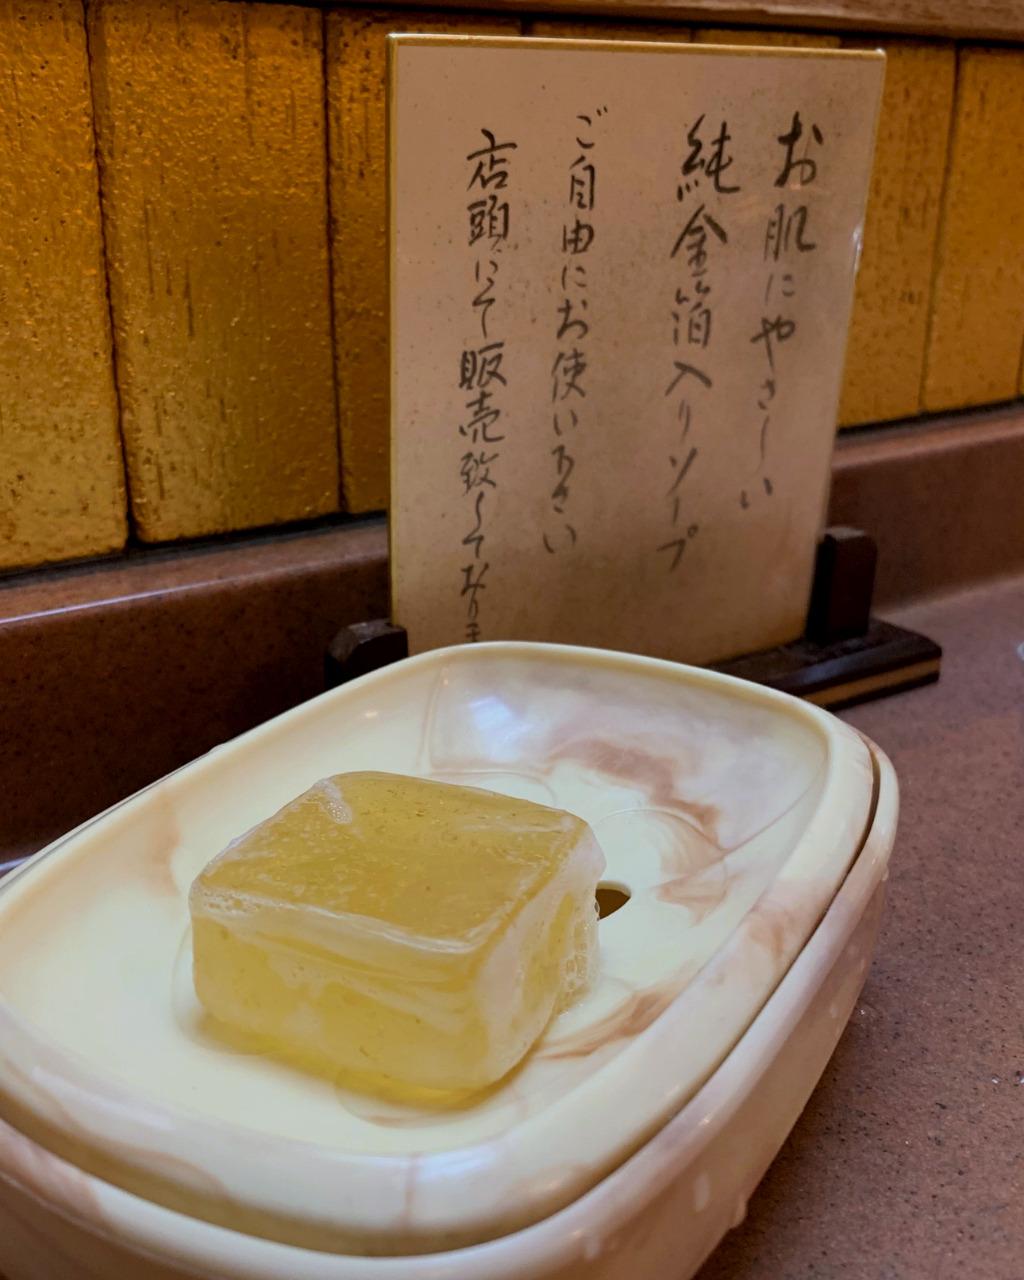 Gold Leaf Soap in Sakuda Kinpaku Shop, Higashi Chaya Geisha District, Kanazawa, Japan